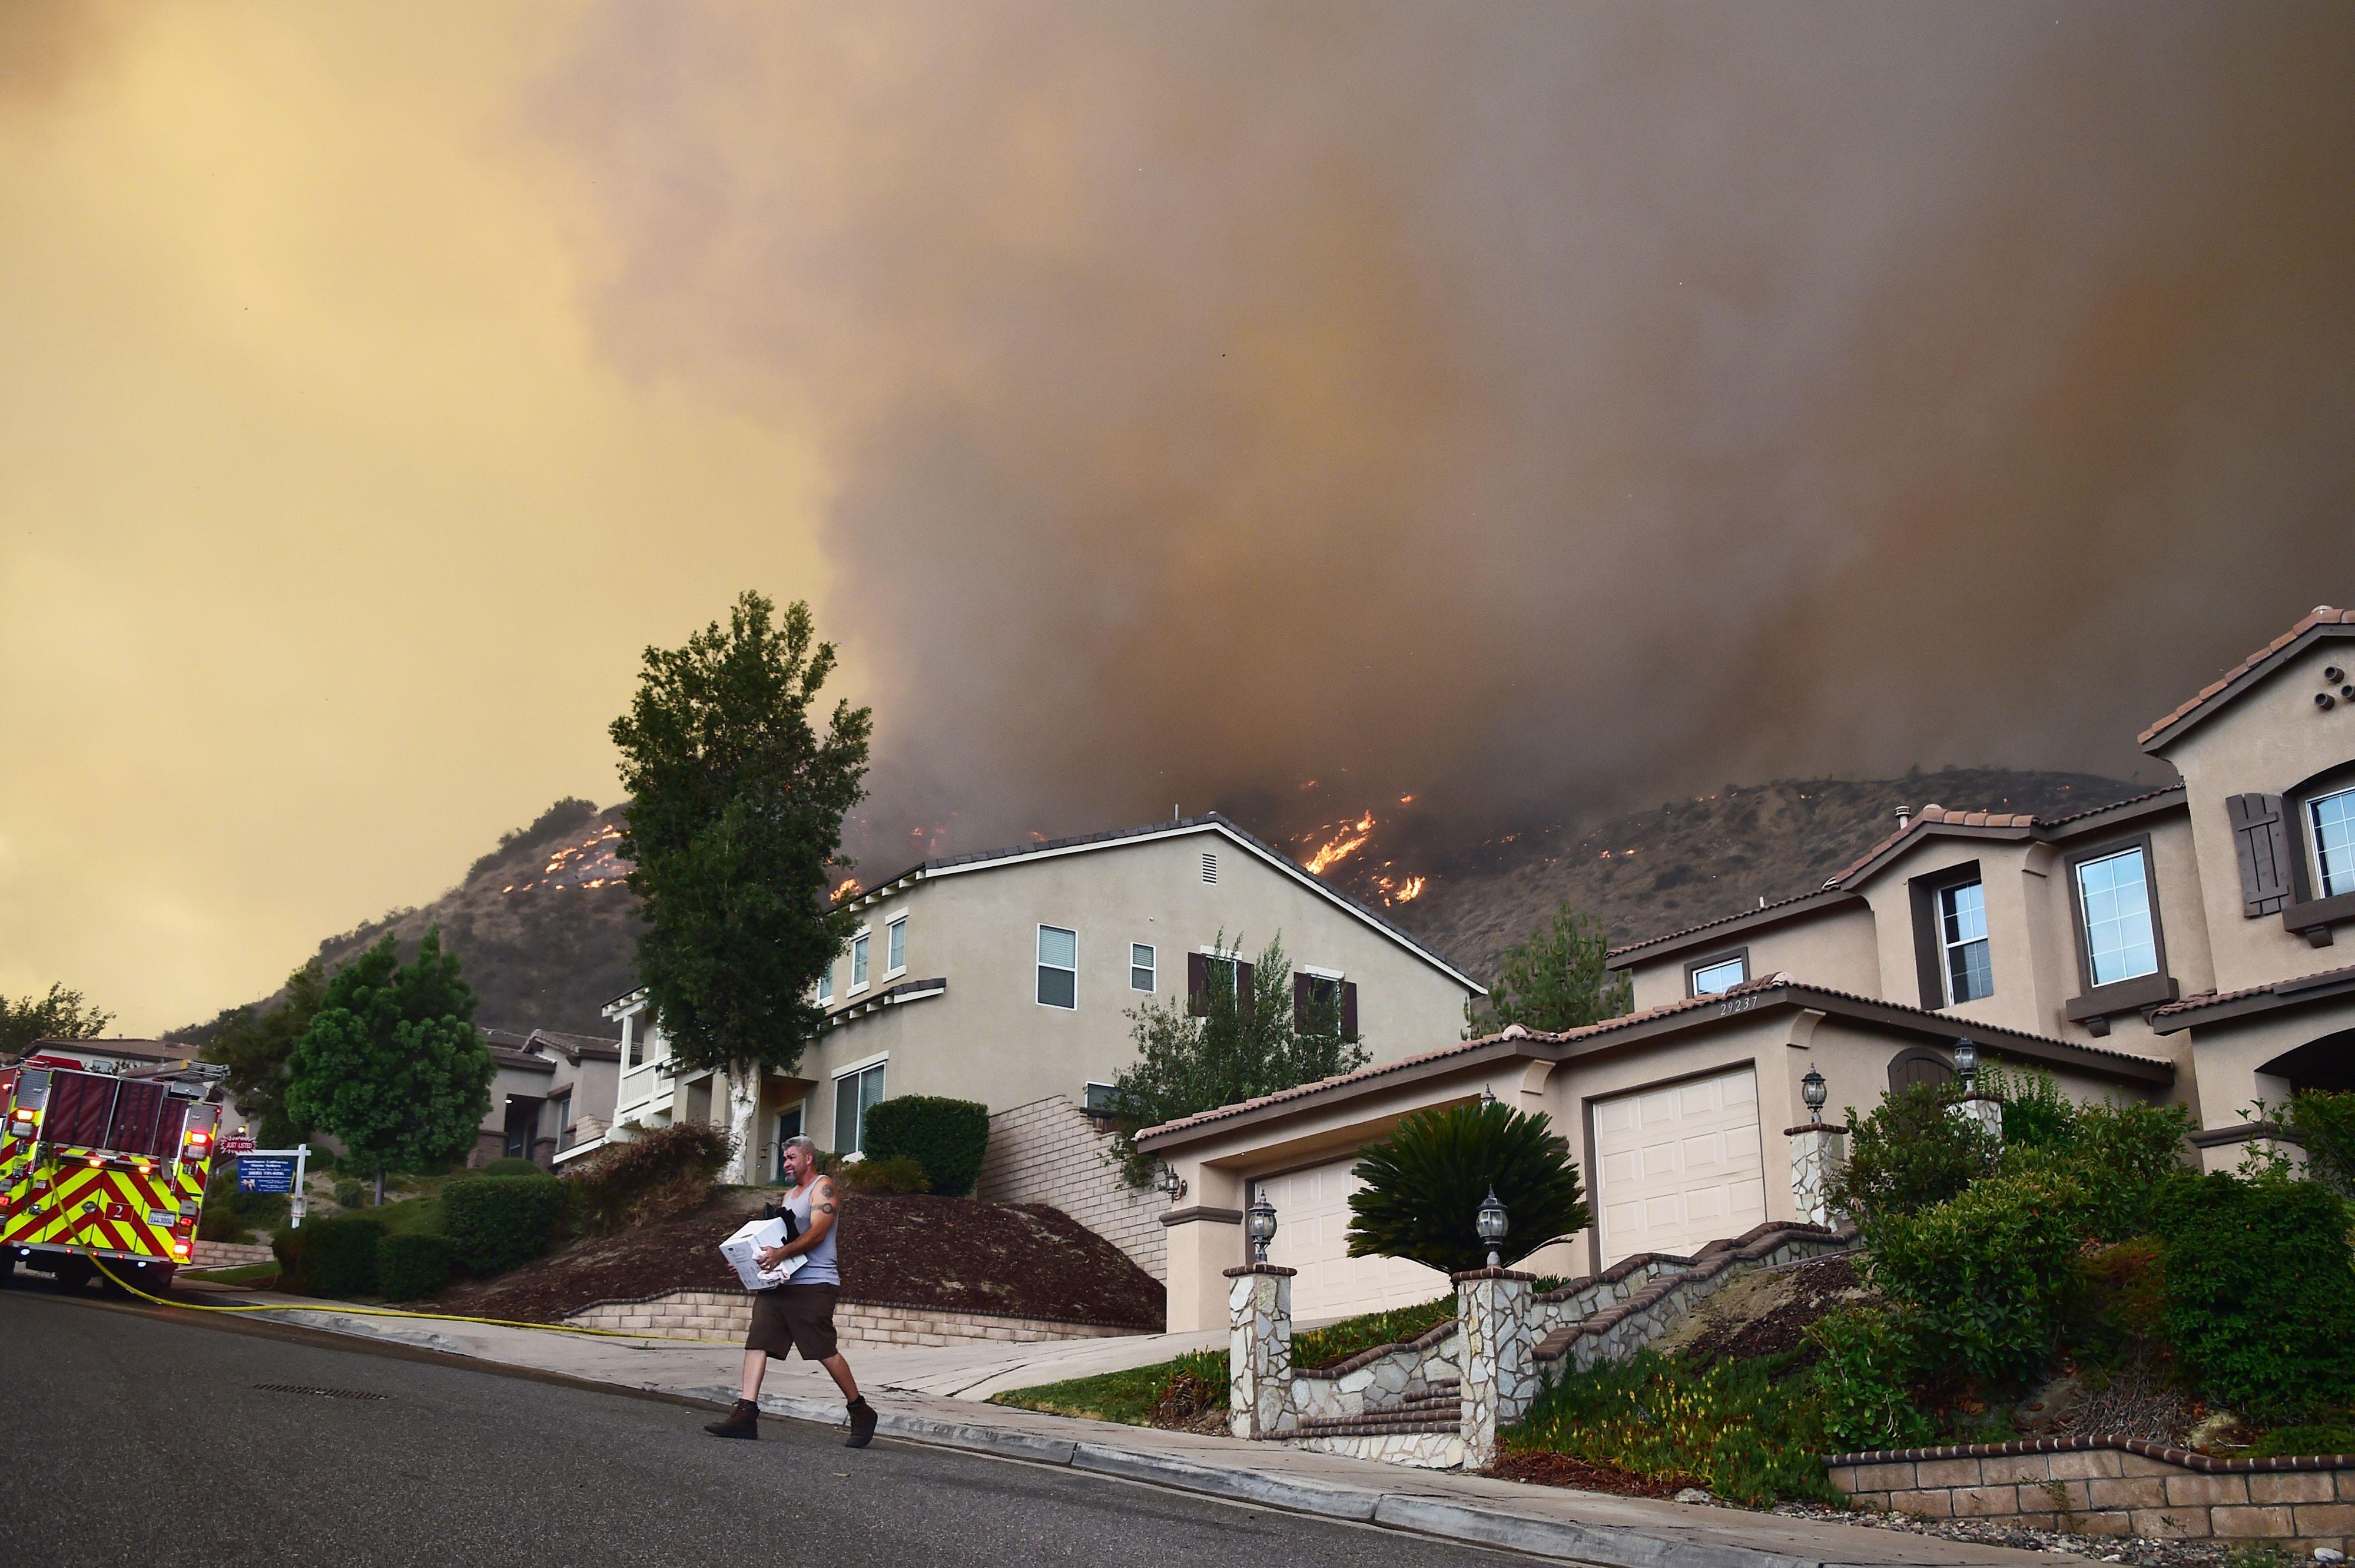 رجل يحمل متعلقاته ويهرب بها قبل وصول الحرائق لمنزله